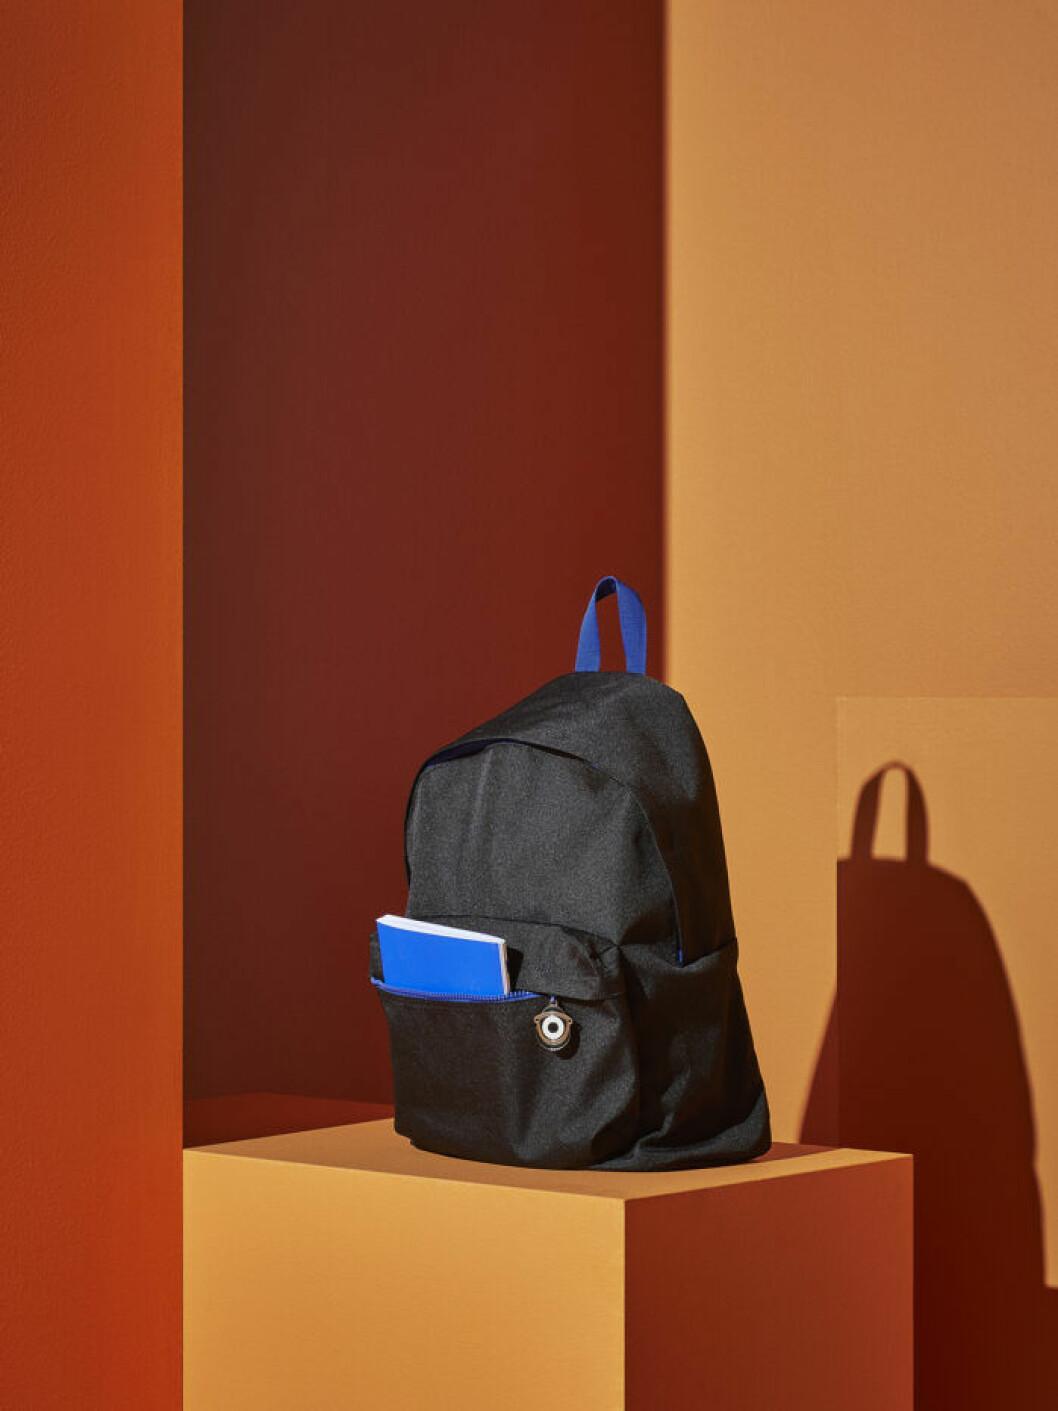 Ryggsäck av I samarbetet med Ikea och varandra har Sarah Andelman och Craig Redman.